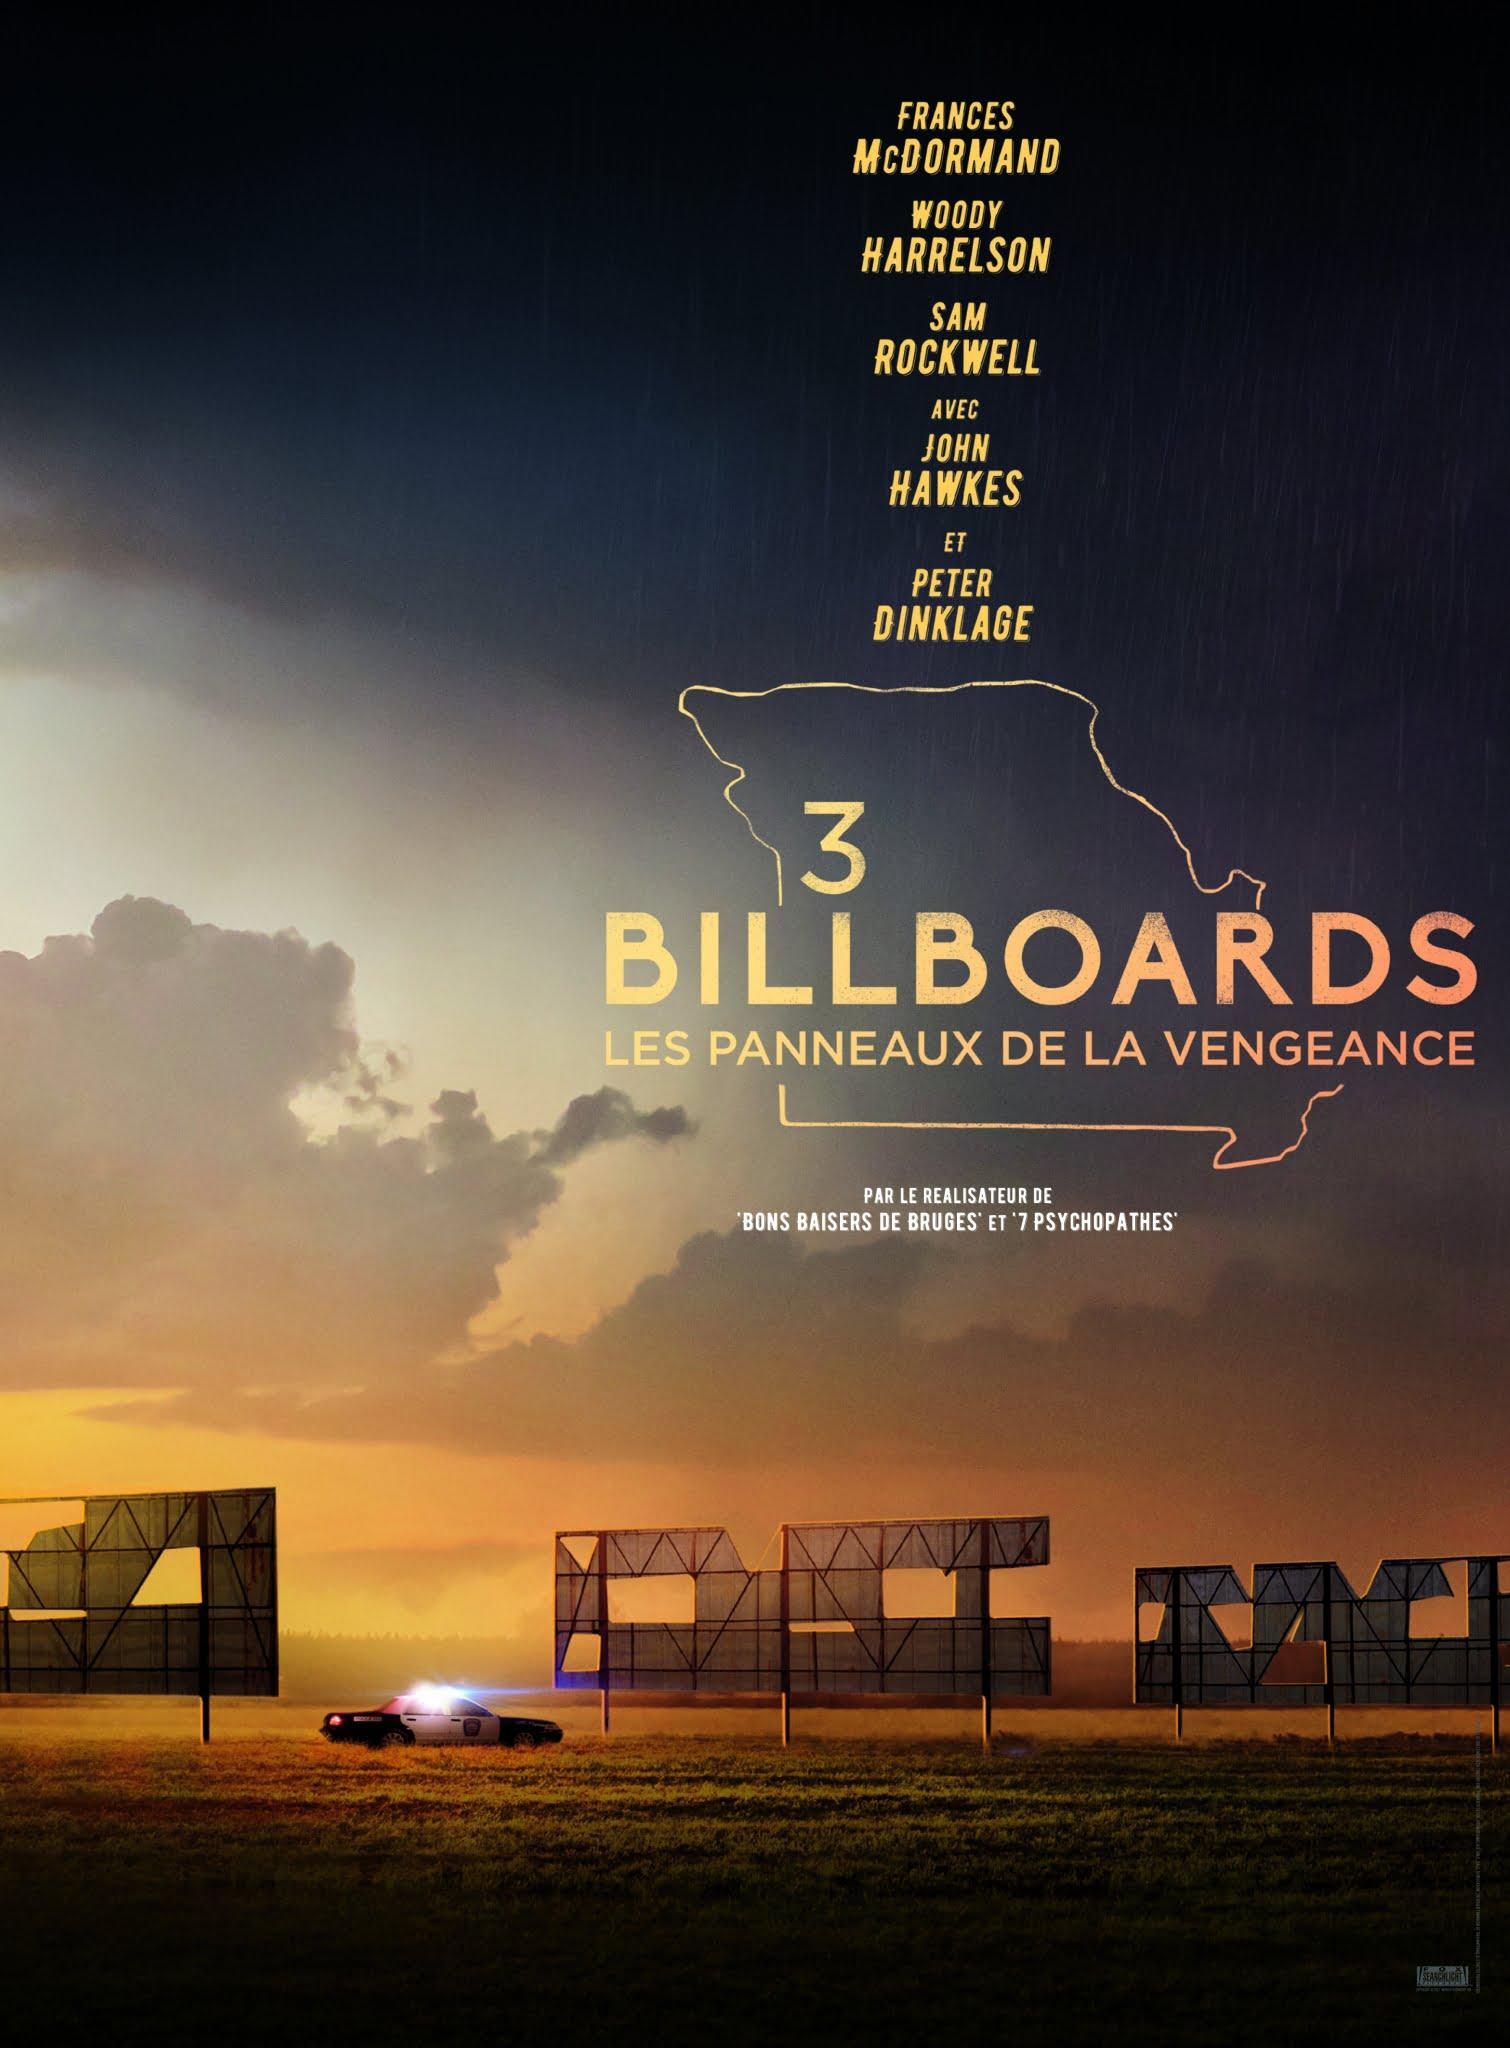 3 billboards bande-annonce